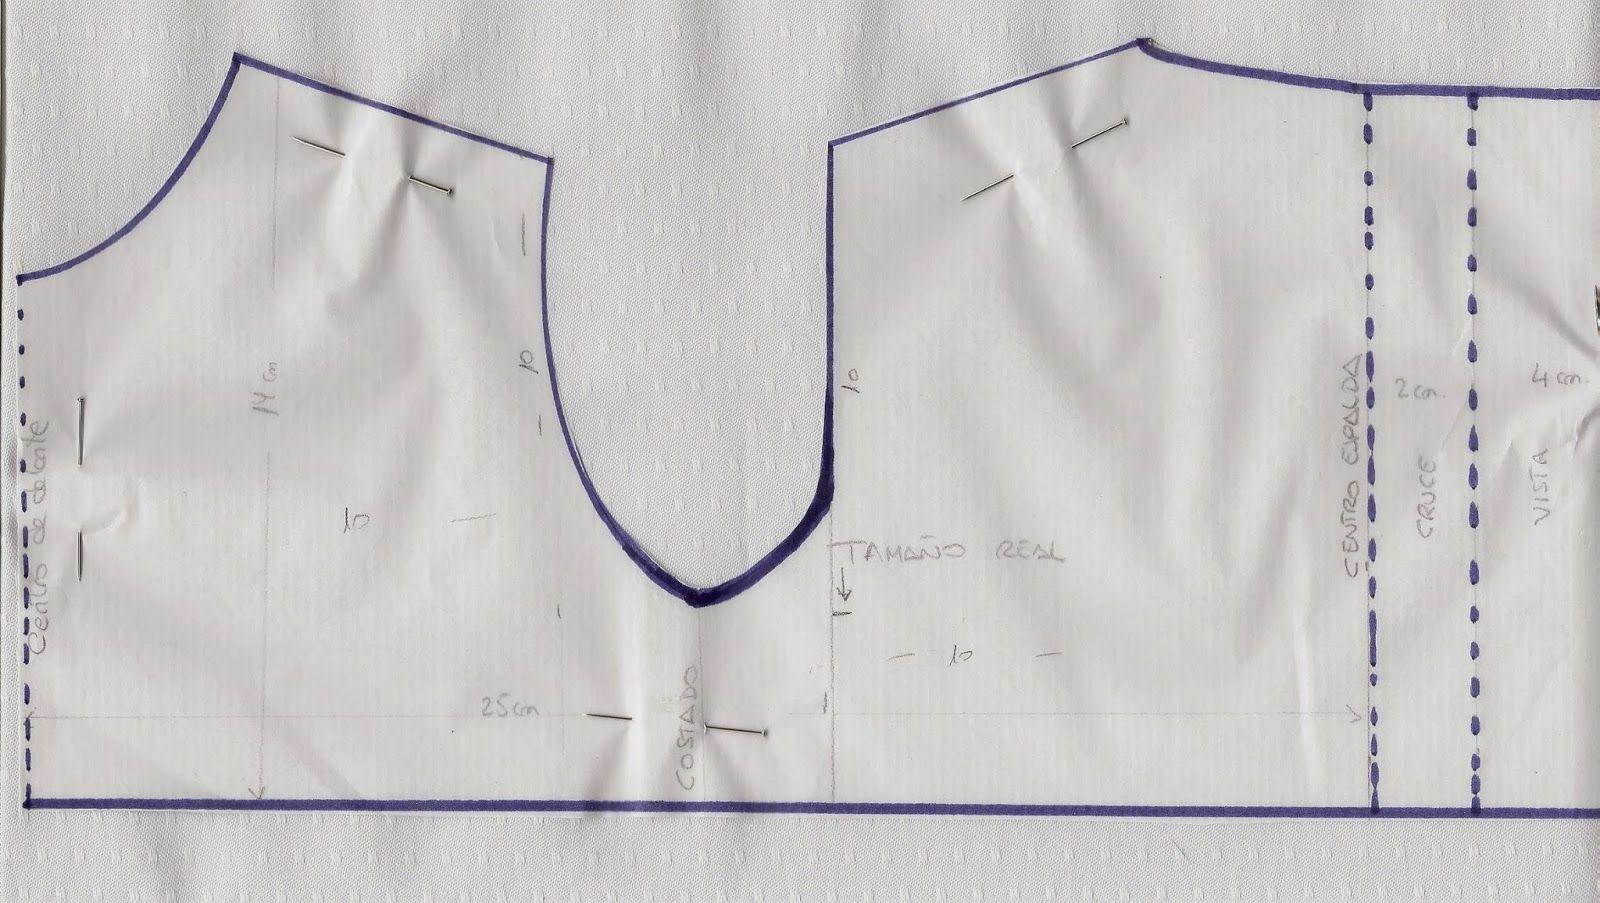 patrón y costura : medidas del recién nacido y cómo cortar el ...